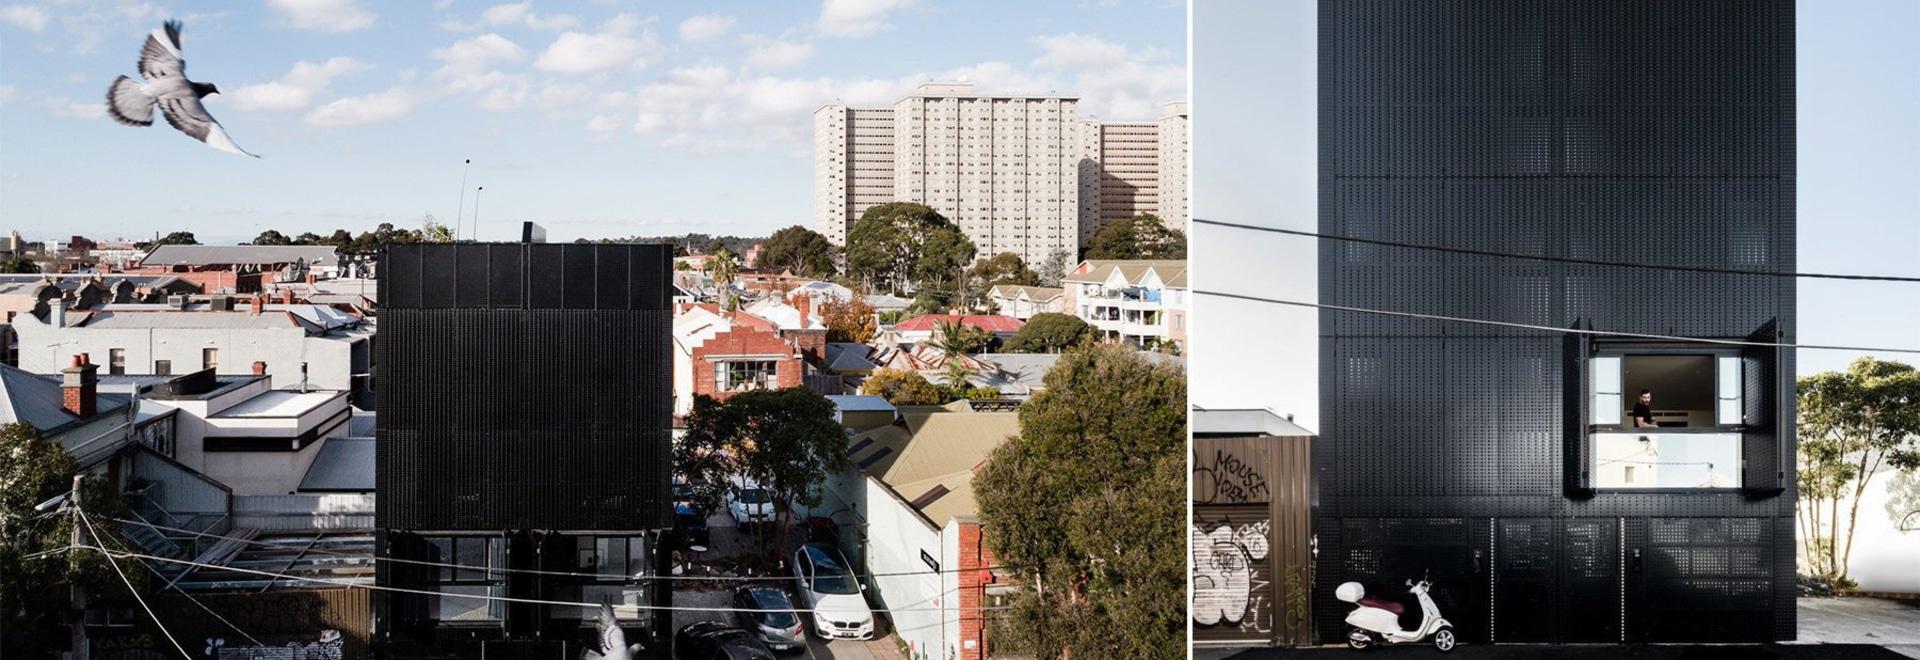 DKO + la LOSA añaden fachada negra de la pantalla del metal a las viviendas verticales en Australia